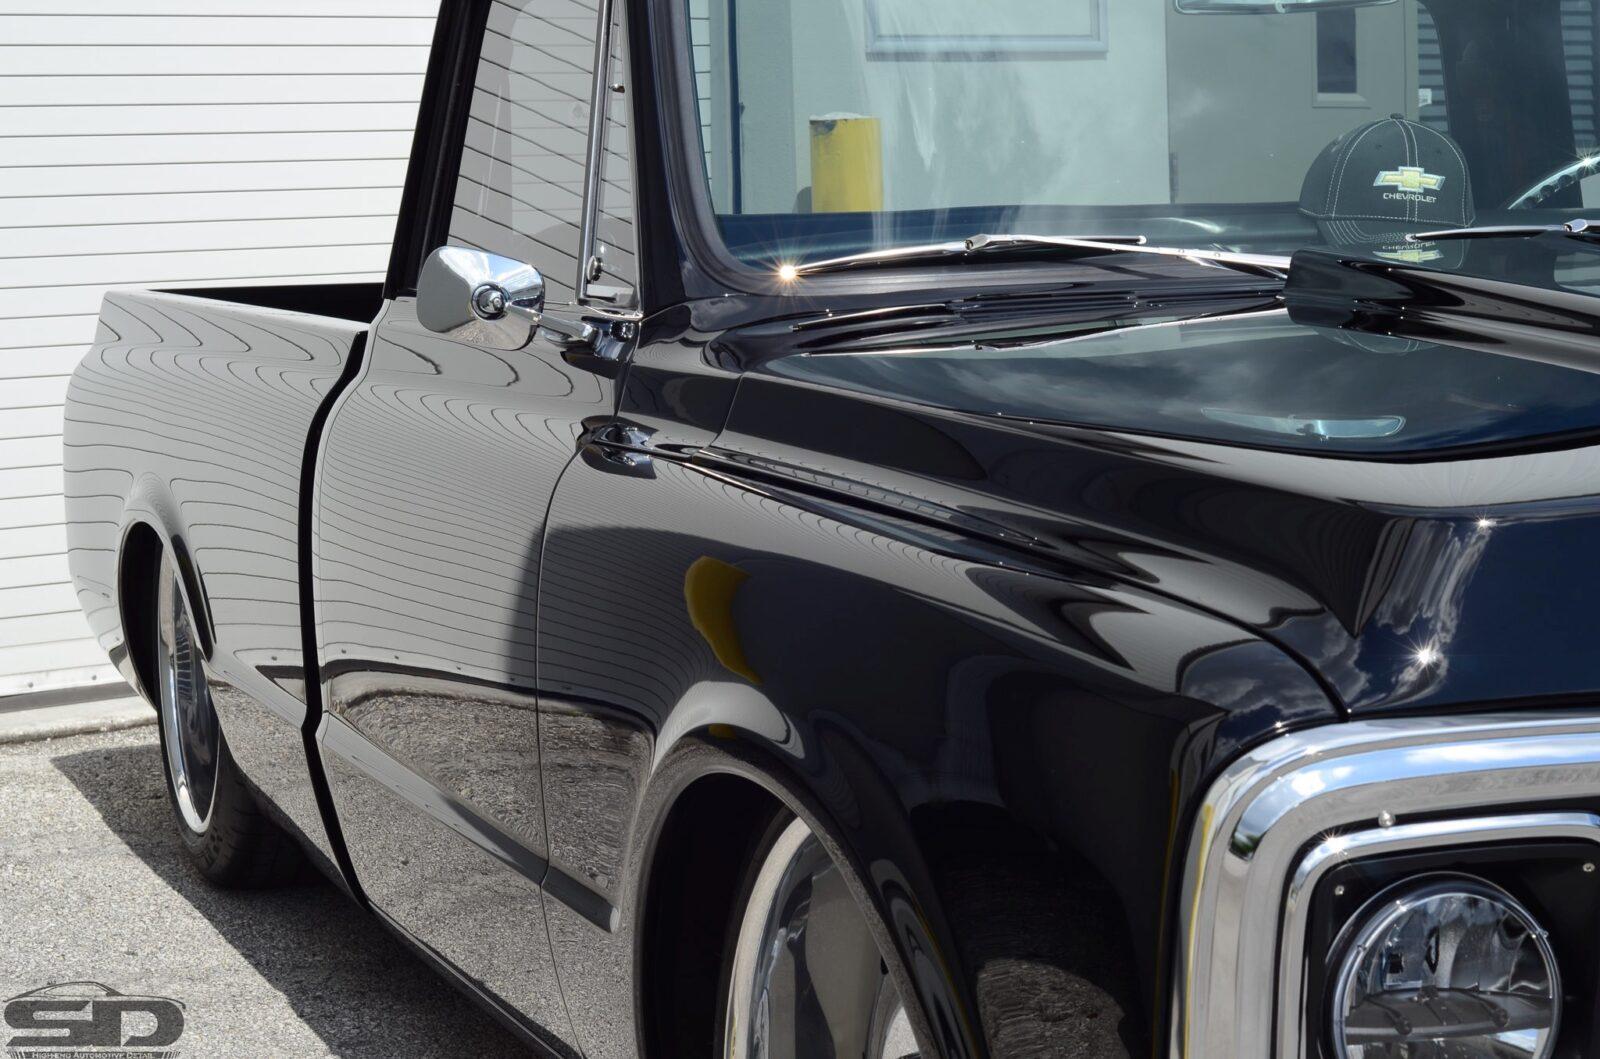 Chevy C10 (41 of 64)